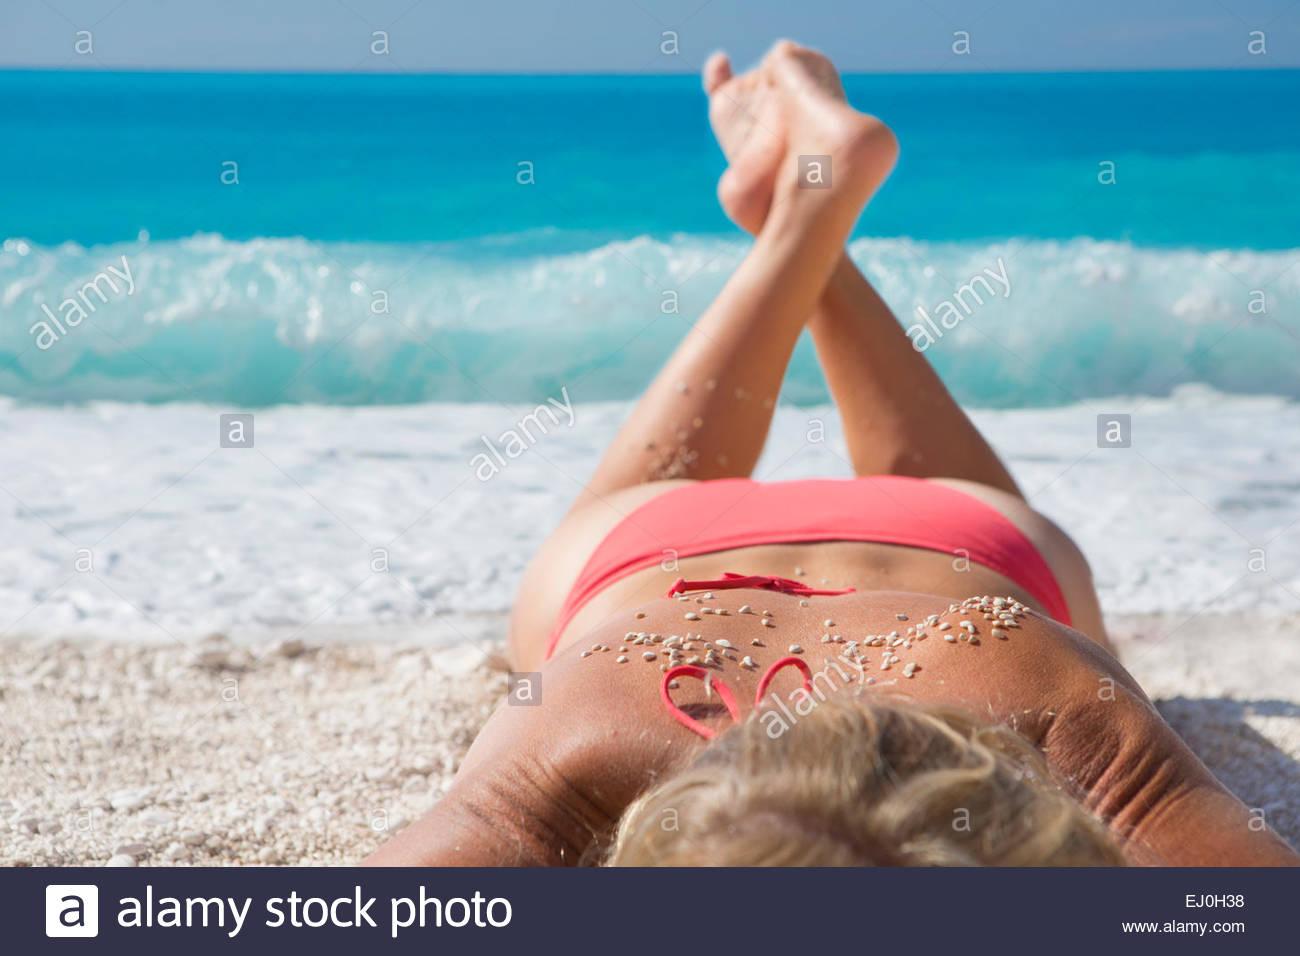 La donna, a prendere il sole con sabbia sul retro, di sunny beach Immagini Stock